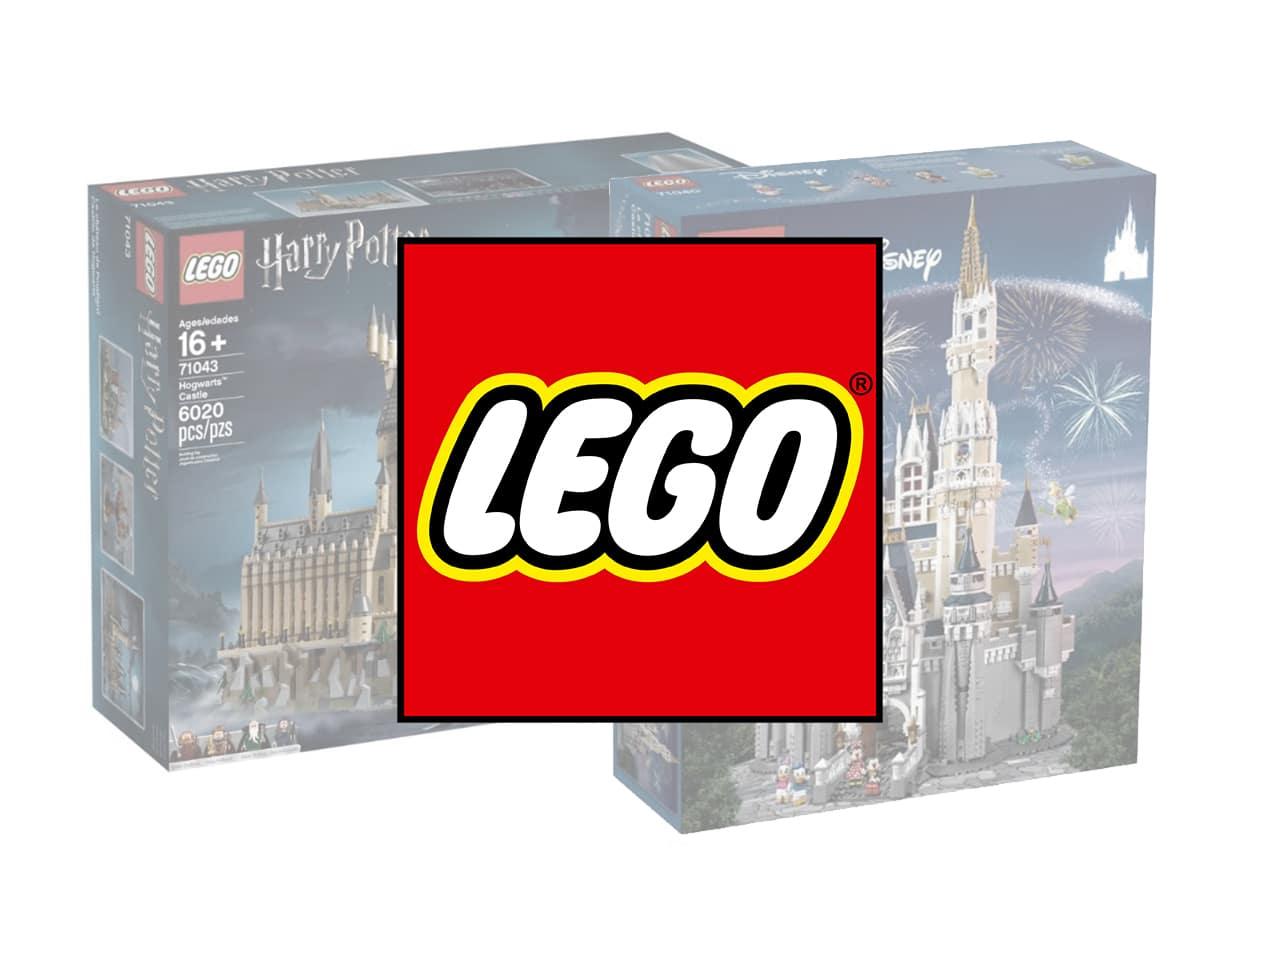 LEGO Statement Produktverfügbarkeit